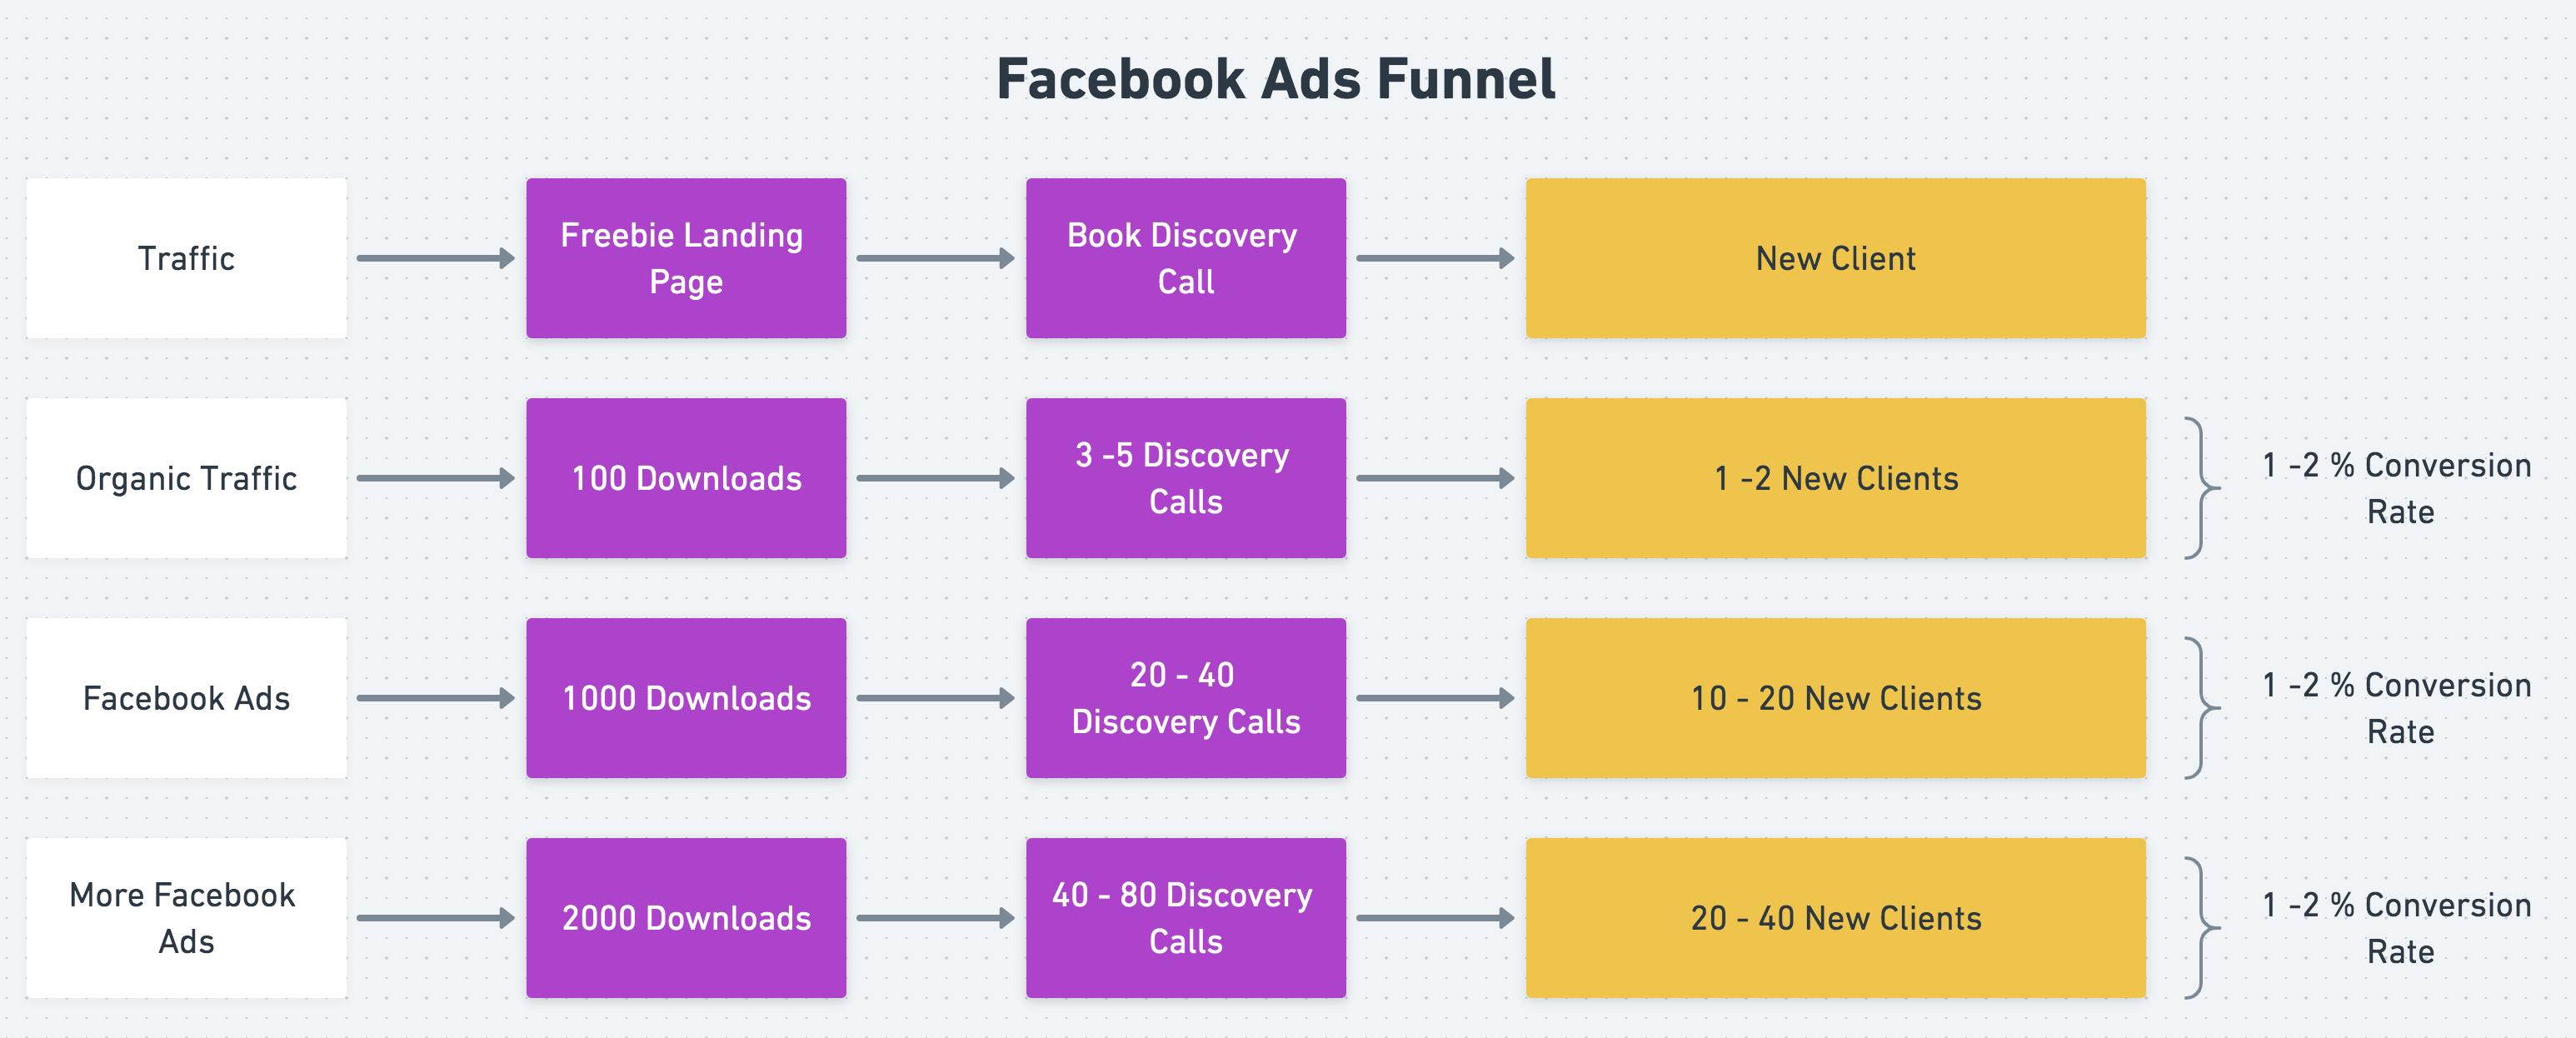 Facebook Ads Funnel